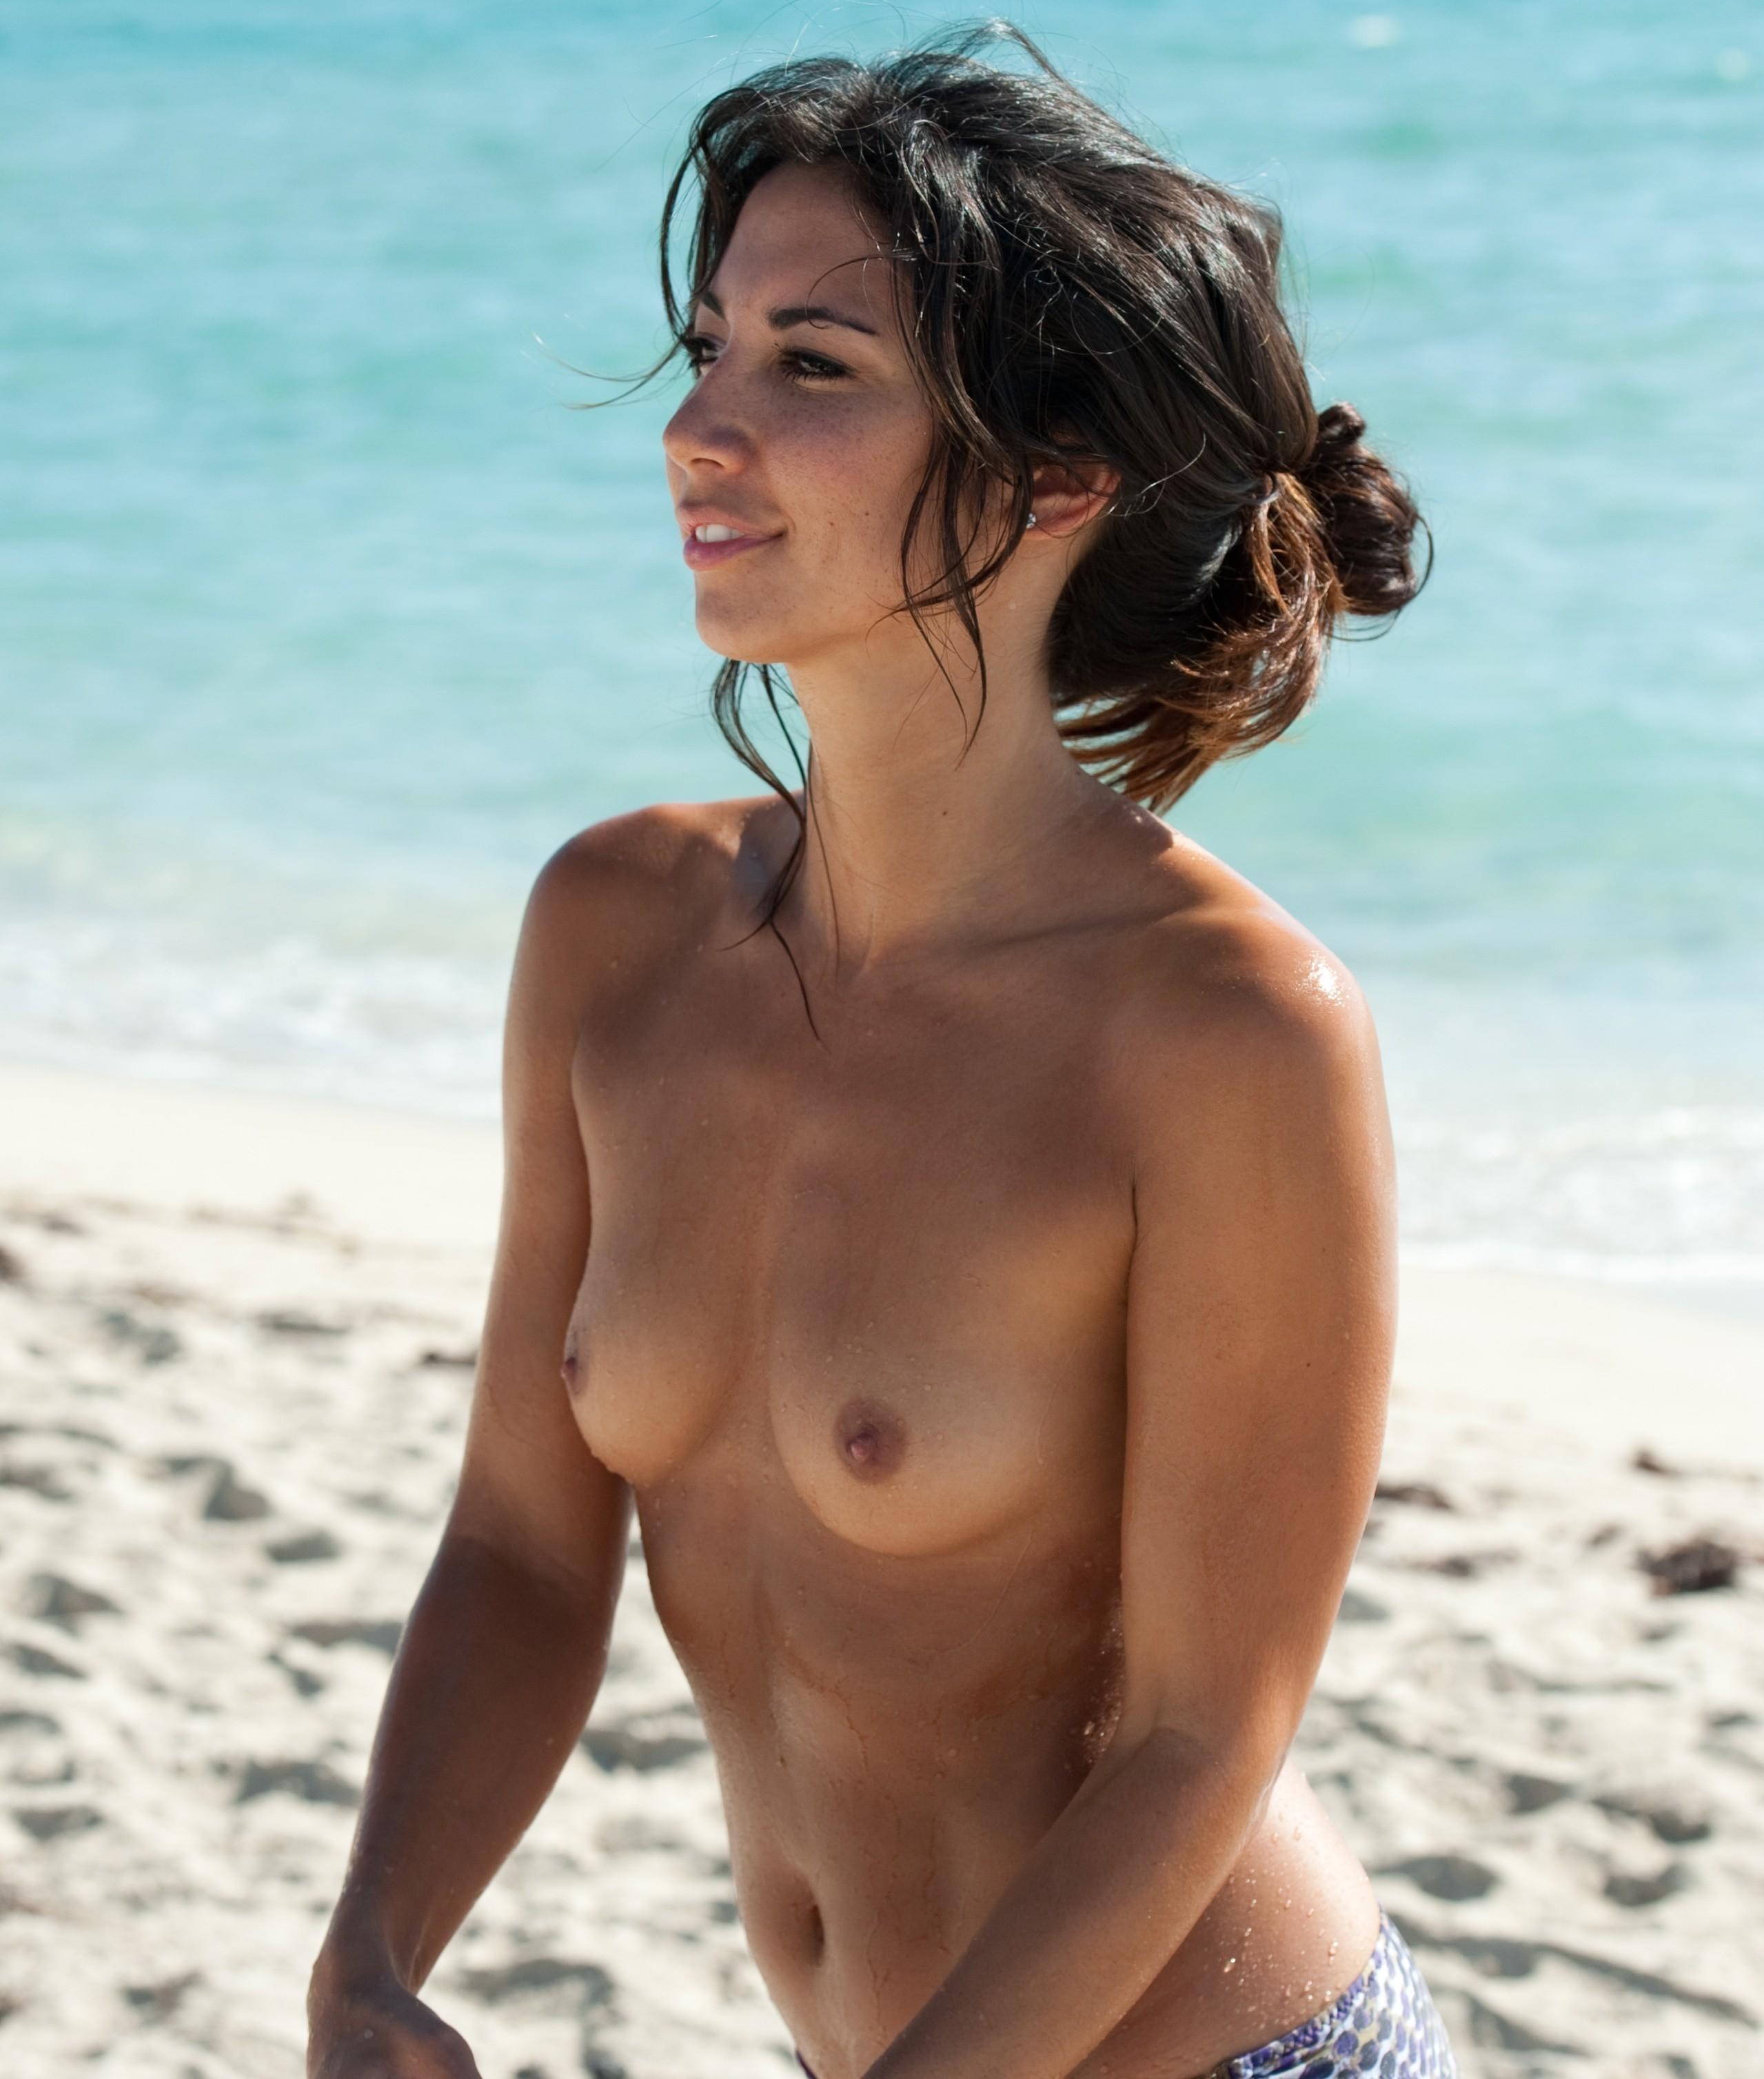 nudists-girls-boobs-beach-topless-mix-vol7-63